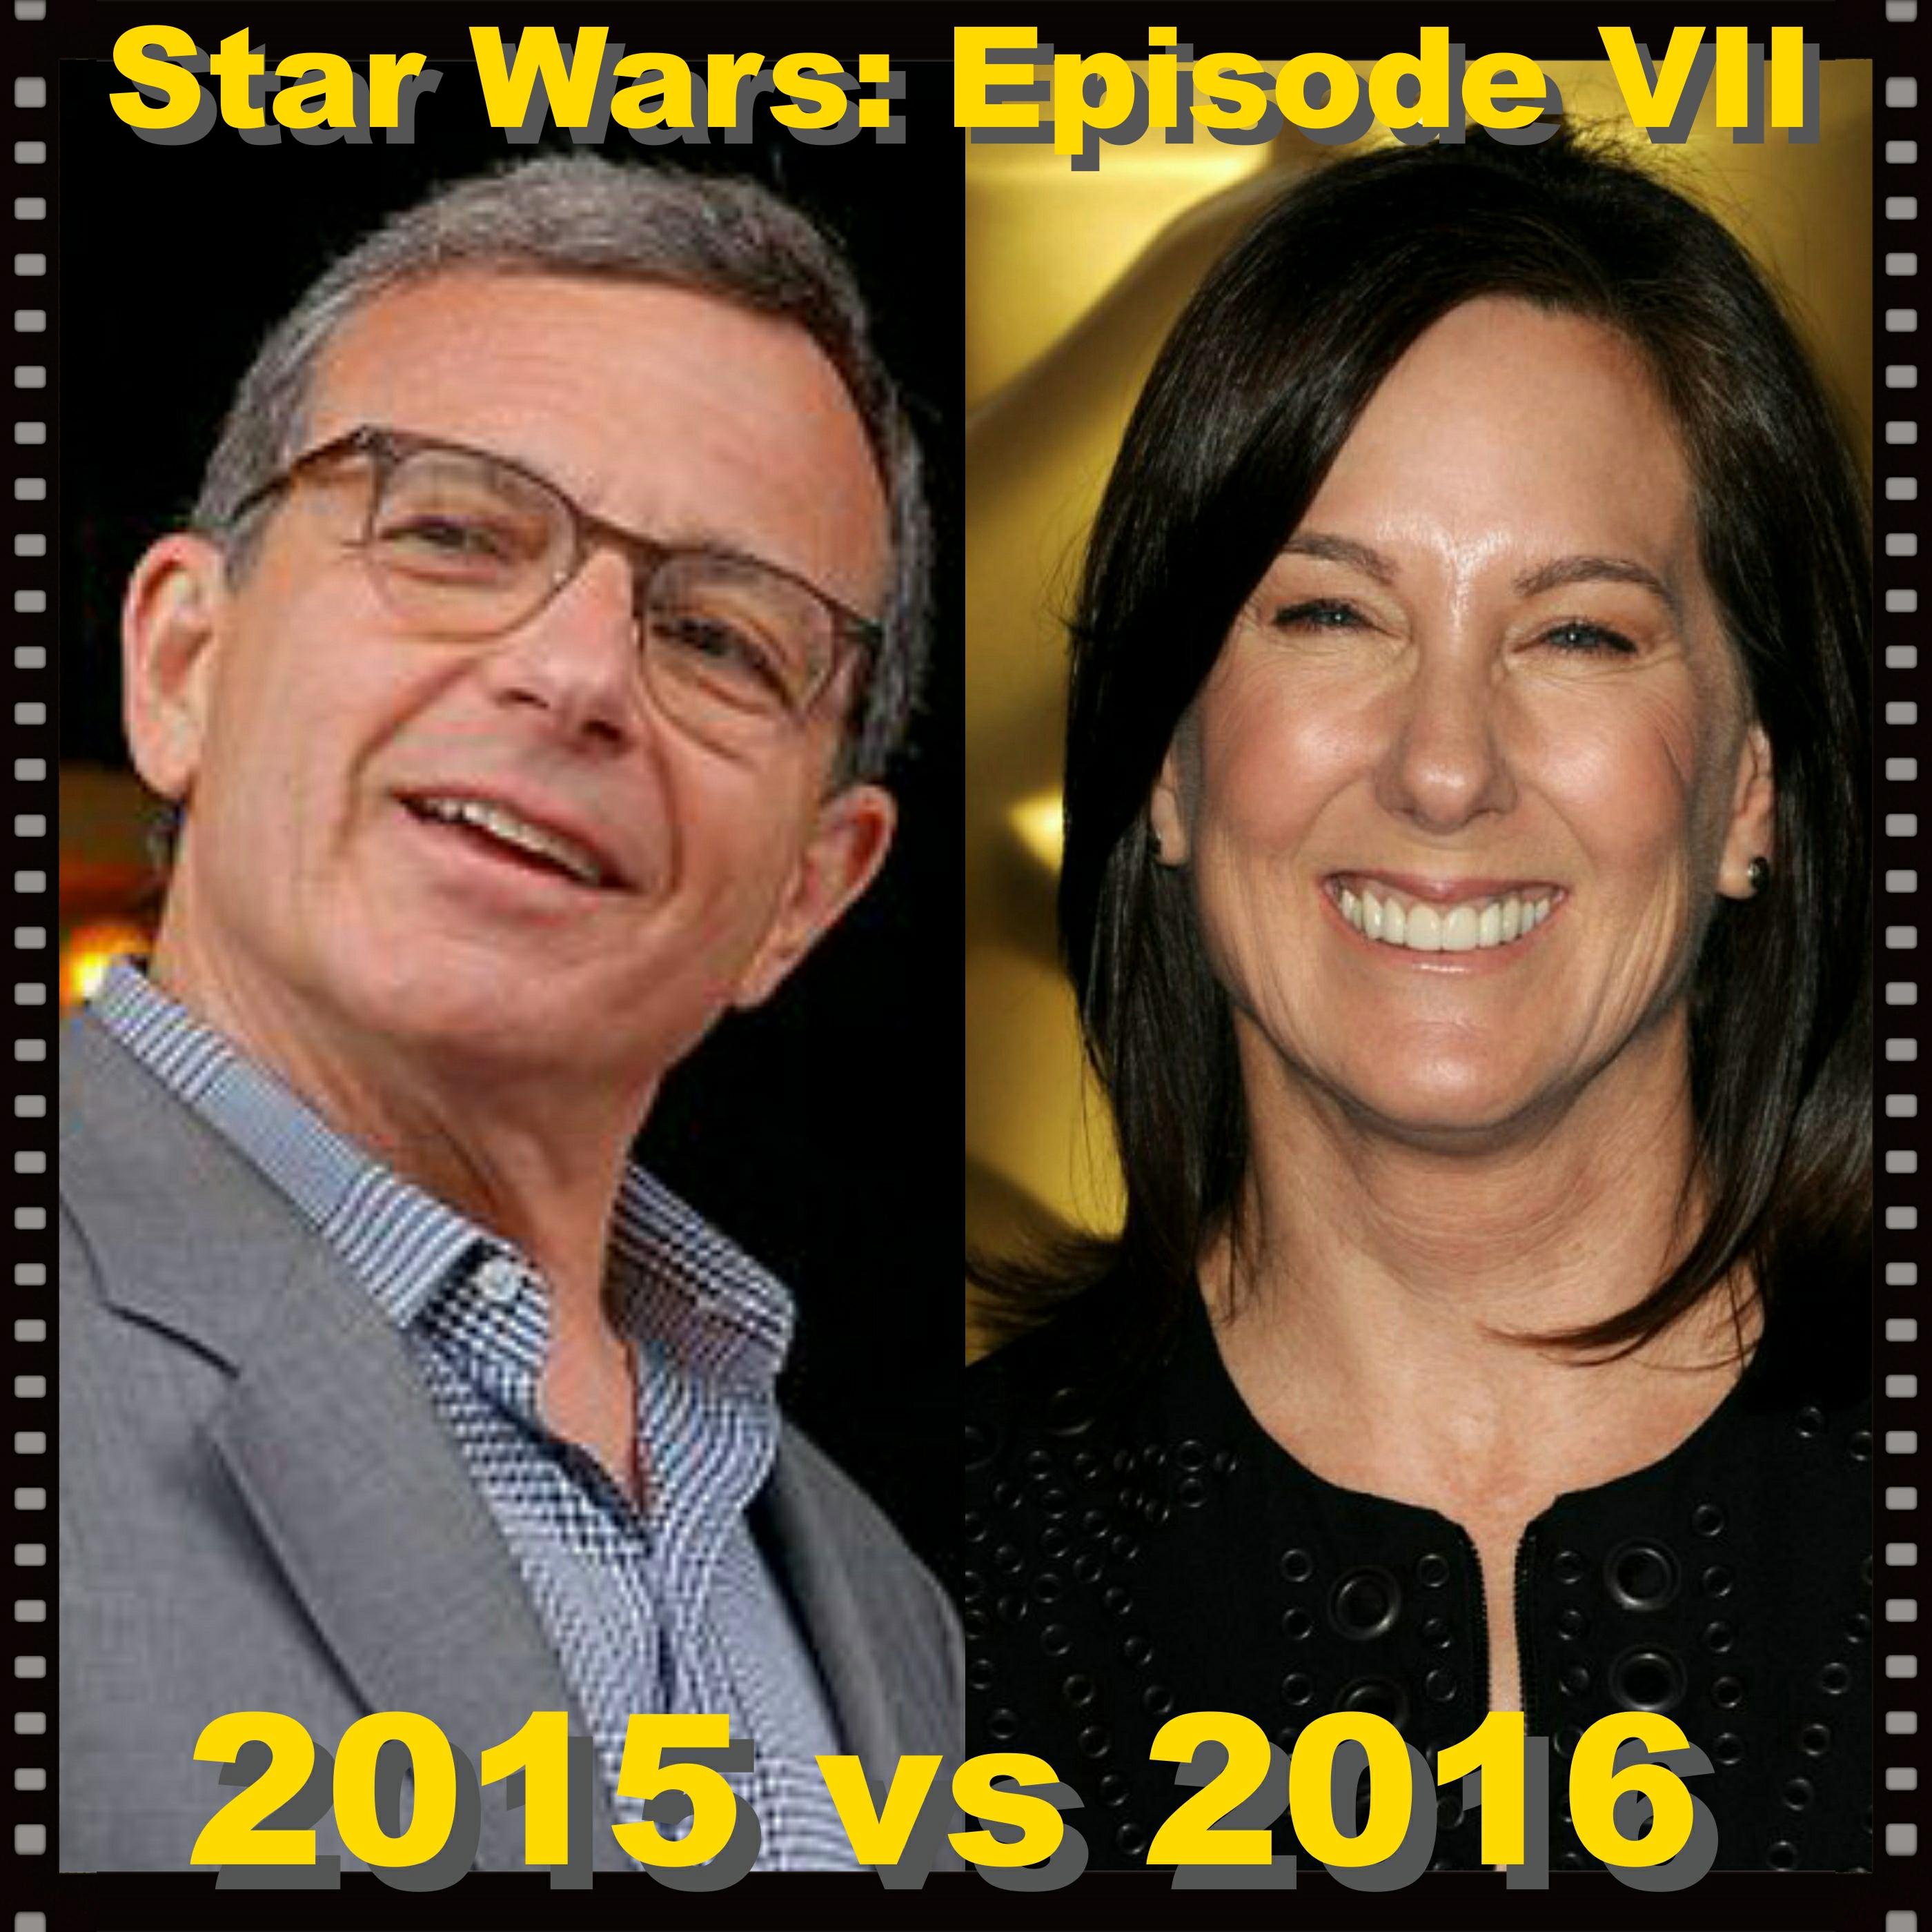 Star wars 7 release date in Sydney